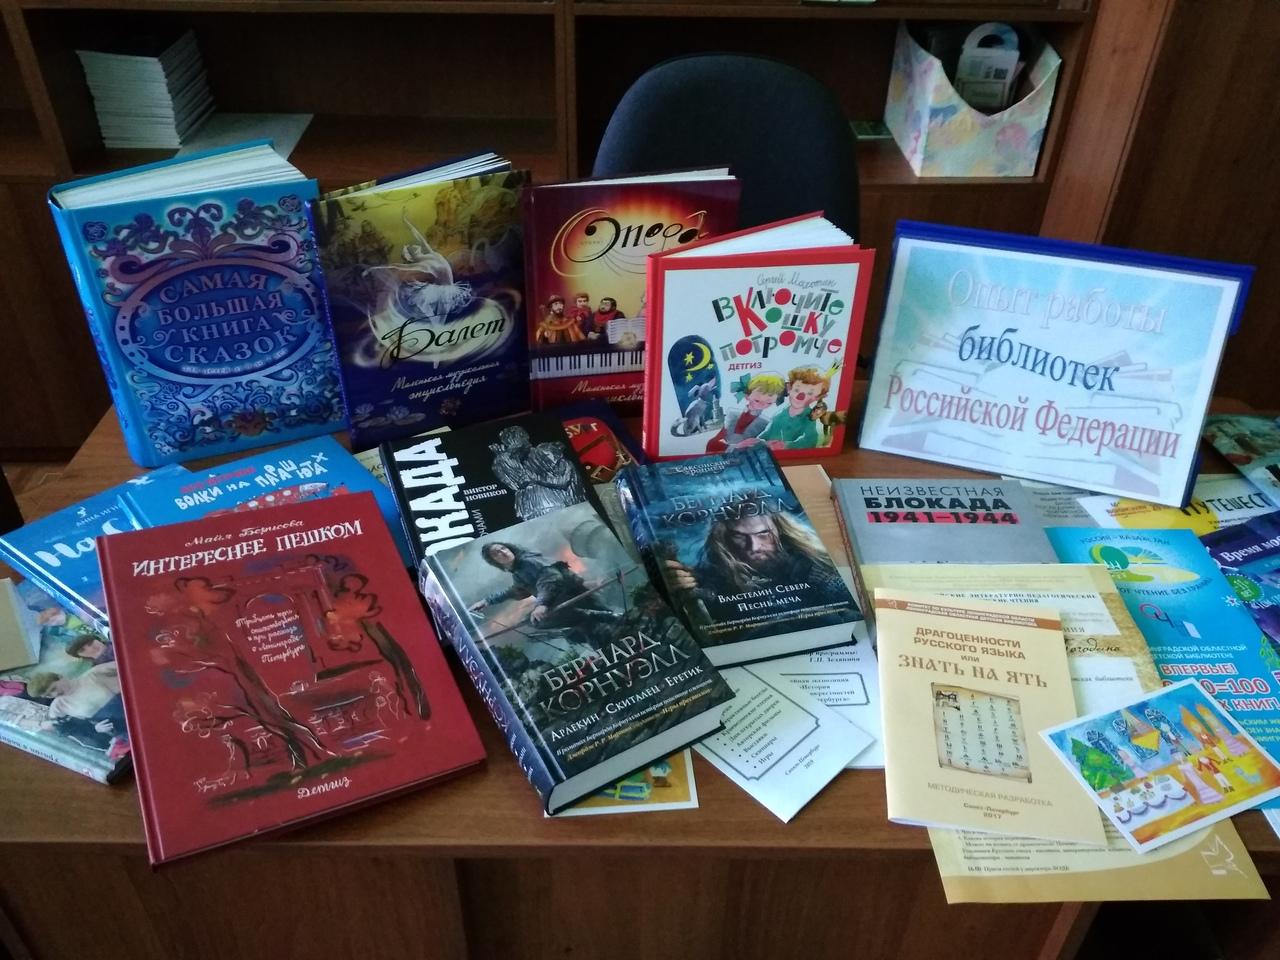 Донецкая республиканская библиотека для детей, международное сотрудничество, детские библиотеки санкт-петербурга